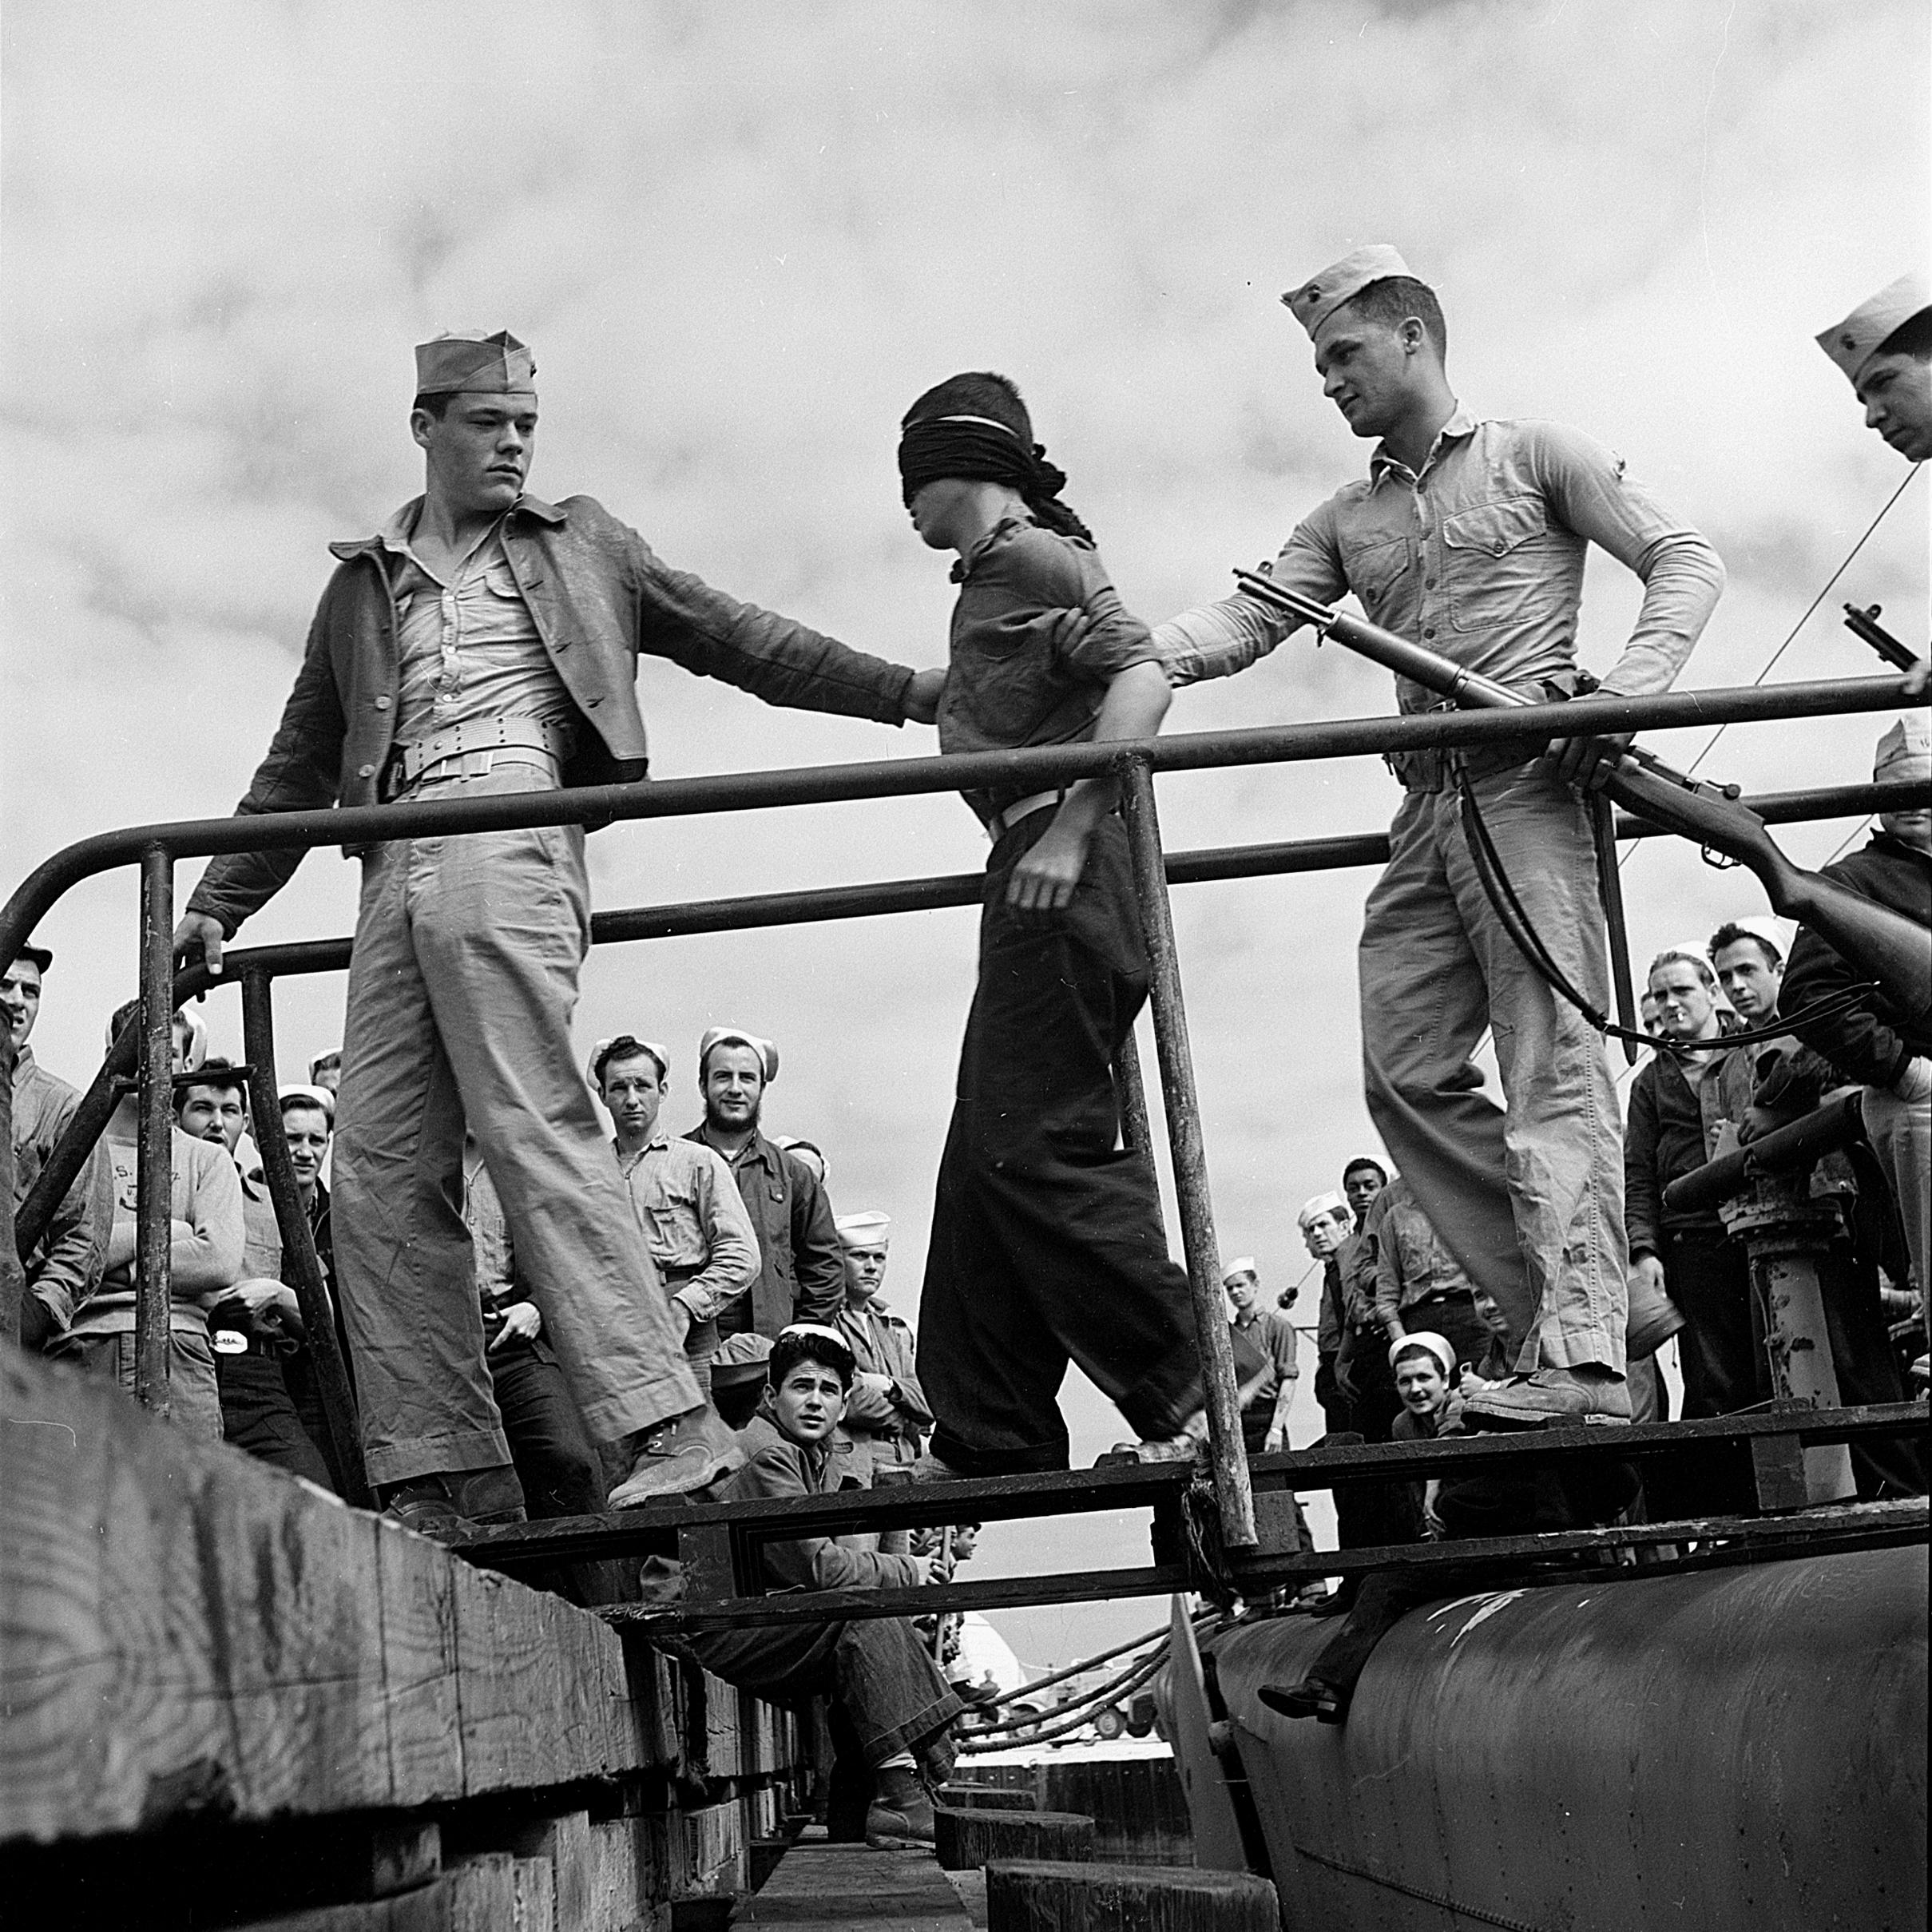 Japanese Prisoners Of War In World War Ii